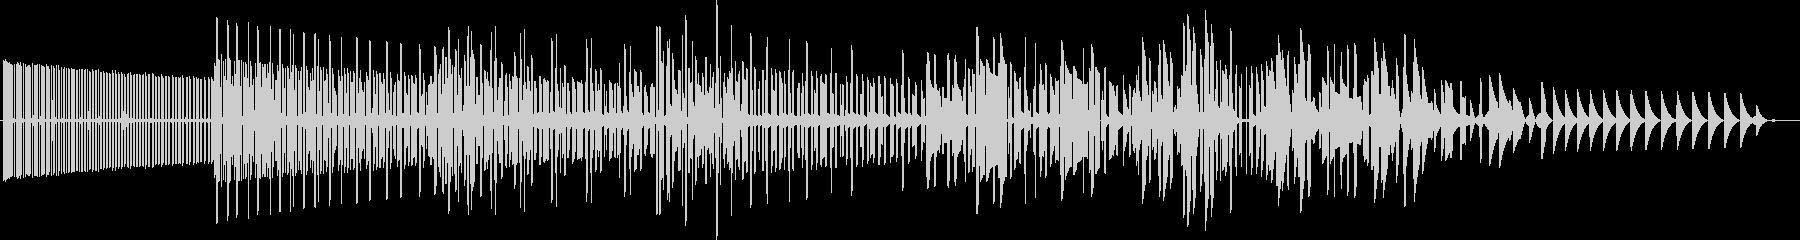 ギュイギュイギュイン(下降)の未再生の波形